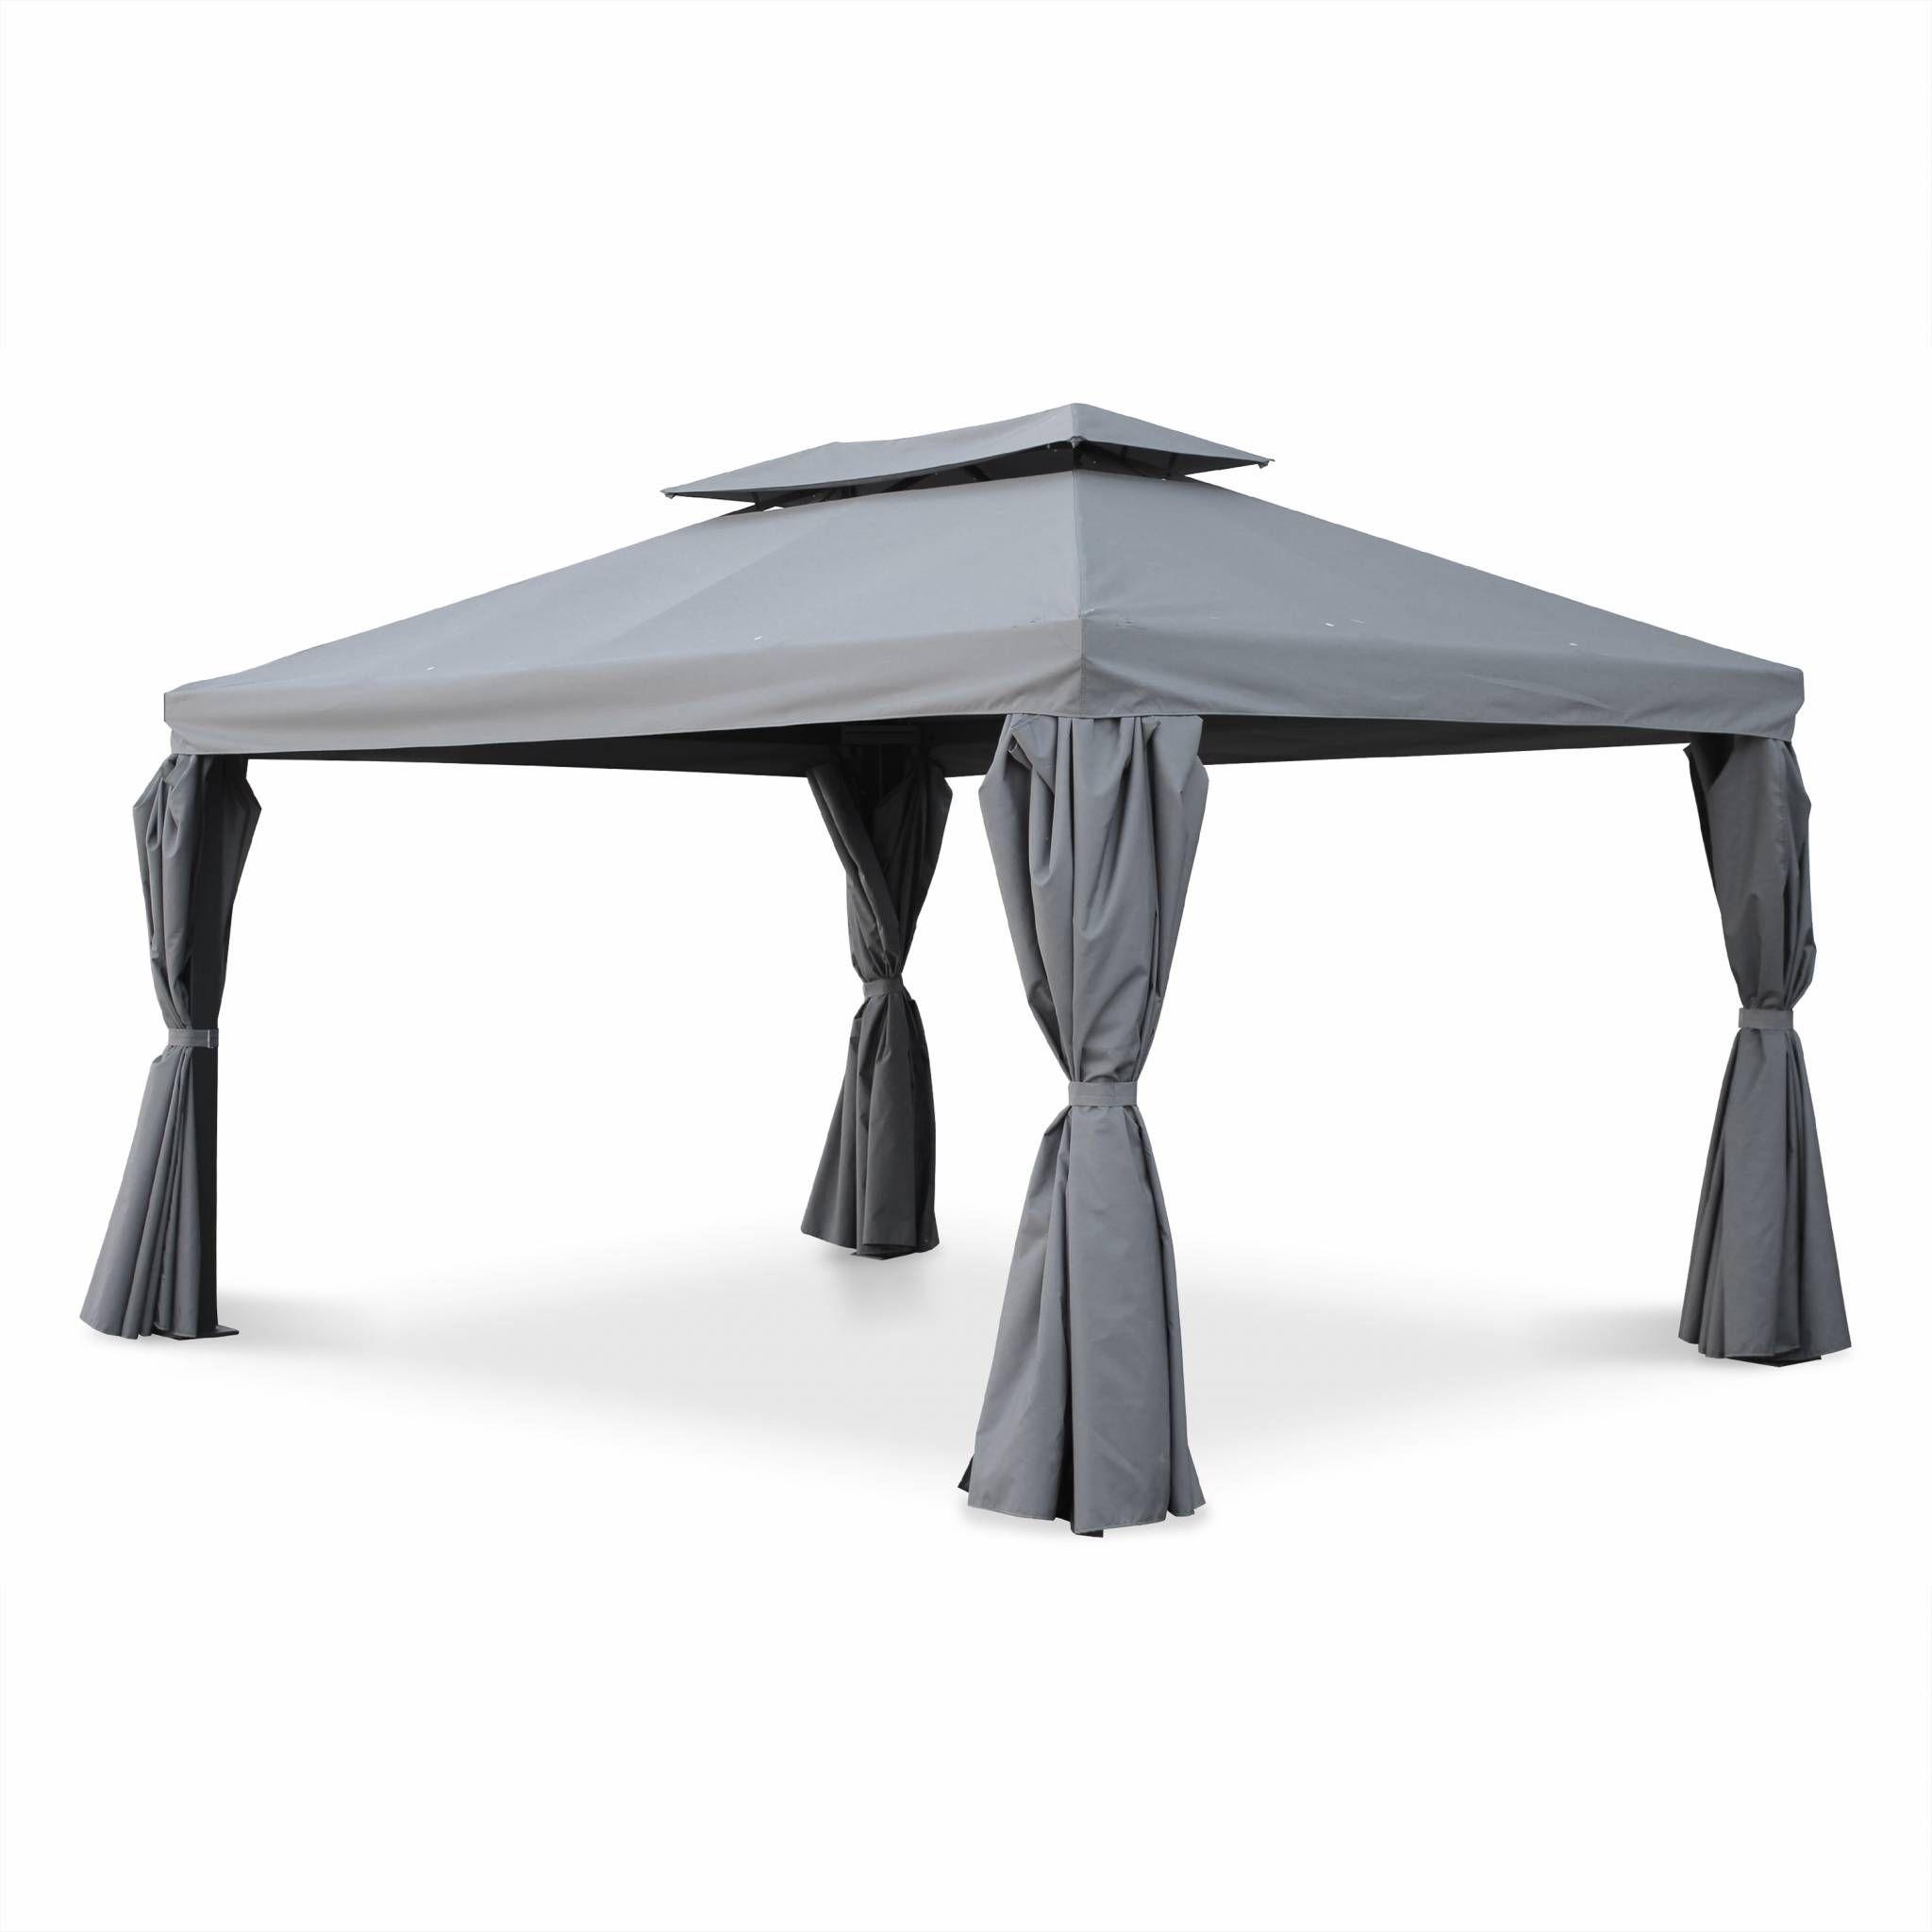 Tente De Jardin Pergola Aluminium 3x4m Divodorum Gris Avec